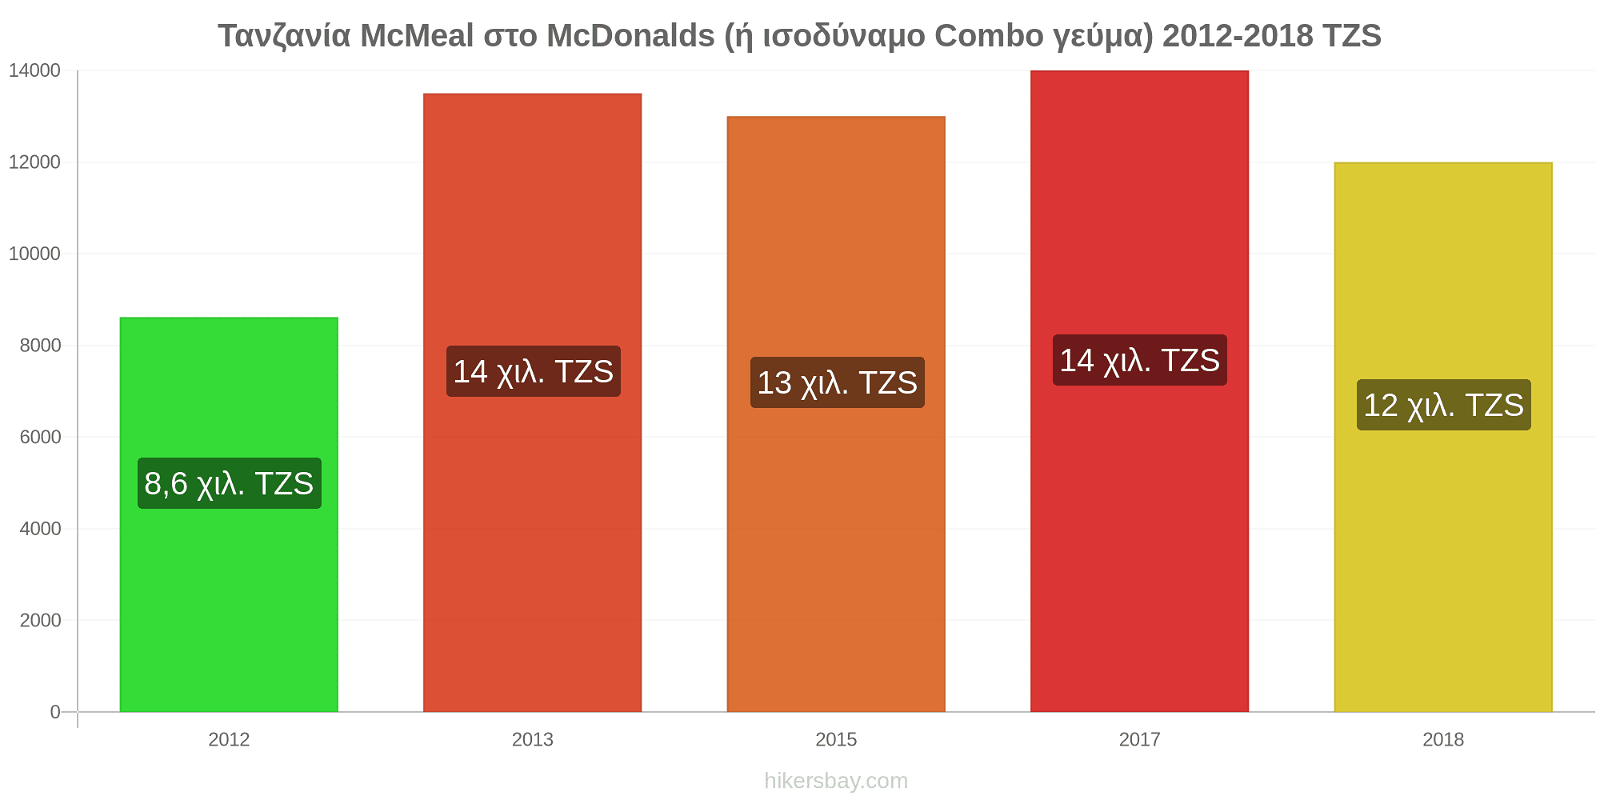 Τανζανία αλλαγές τιμών McMeal στο McDonalds (ή ισοδύναμο Combo γεύμα) hikersbay.com